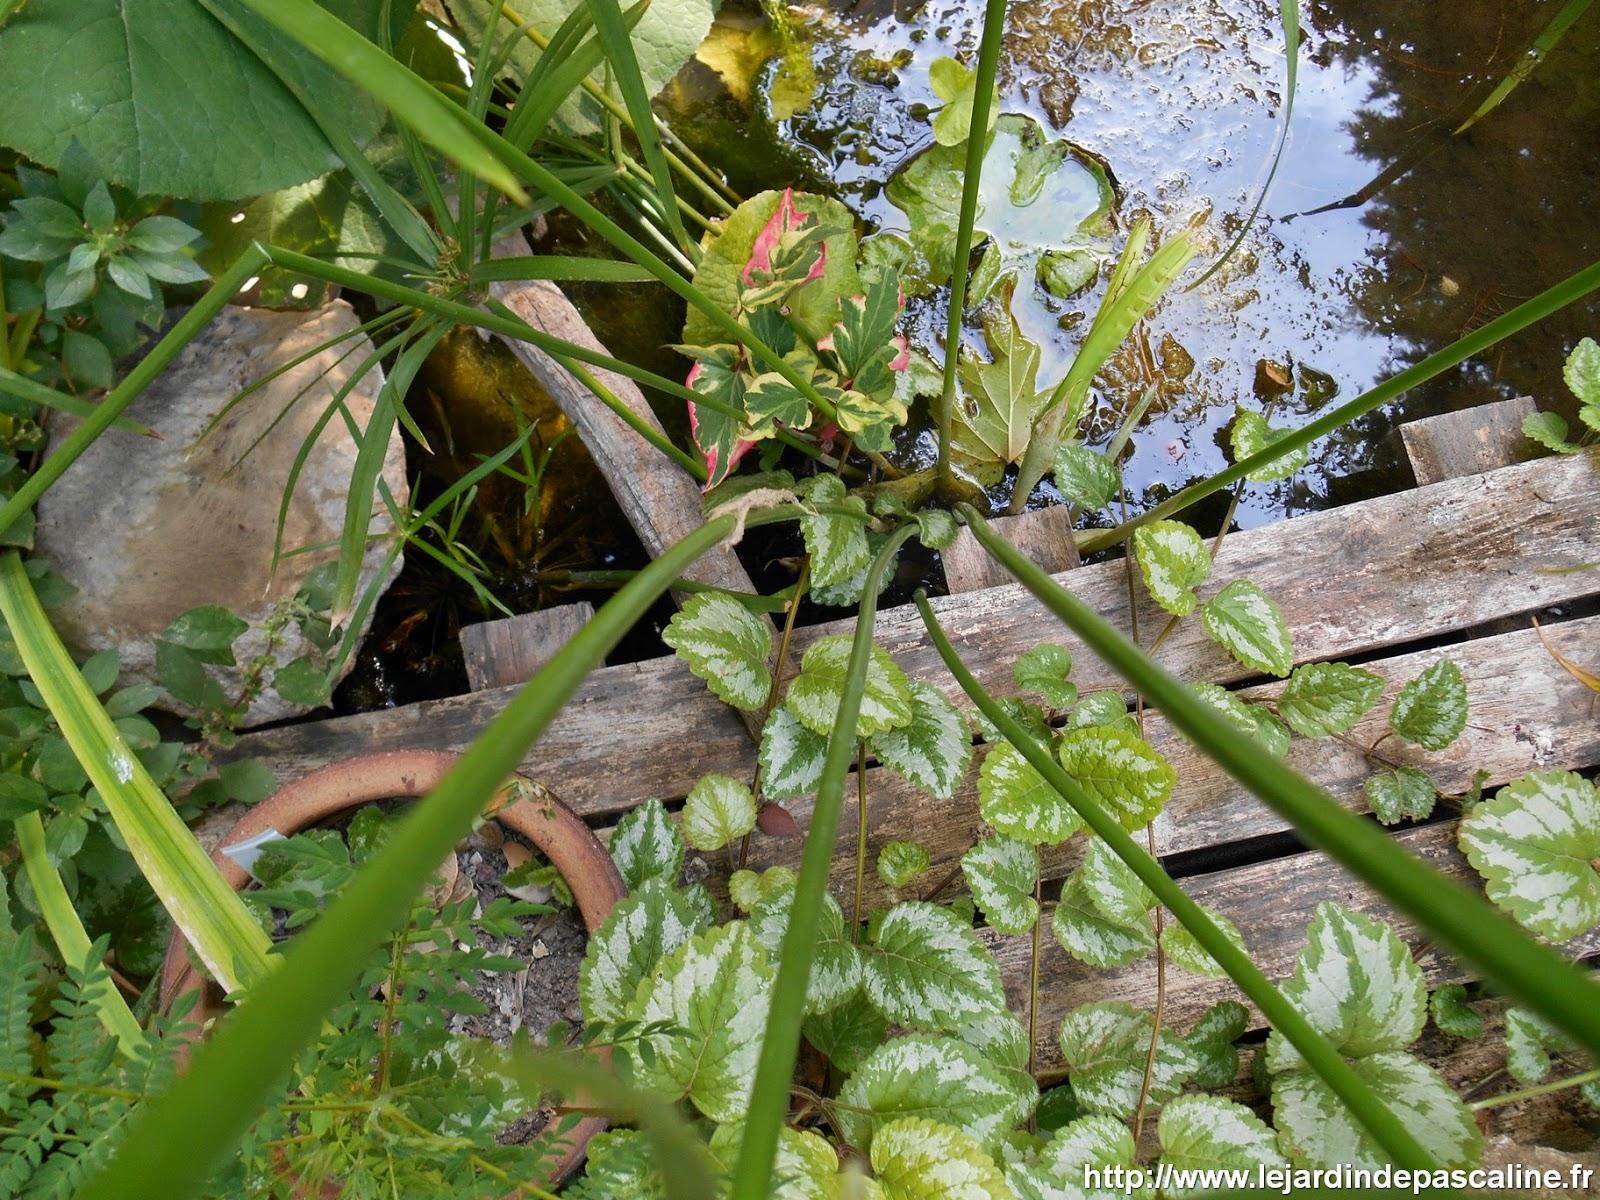 Le jardin de pascaline pensez r cup rer l 39 eau de pluie - Recuperer l eau de pluie pour le jardin ...